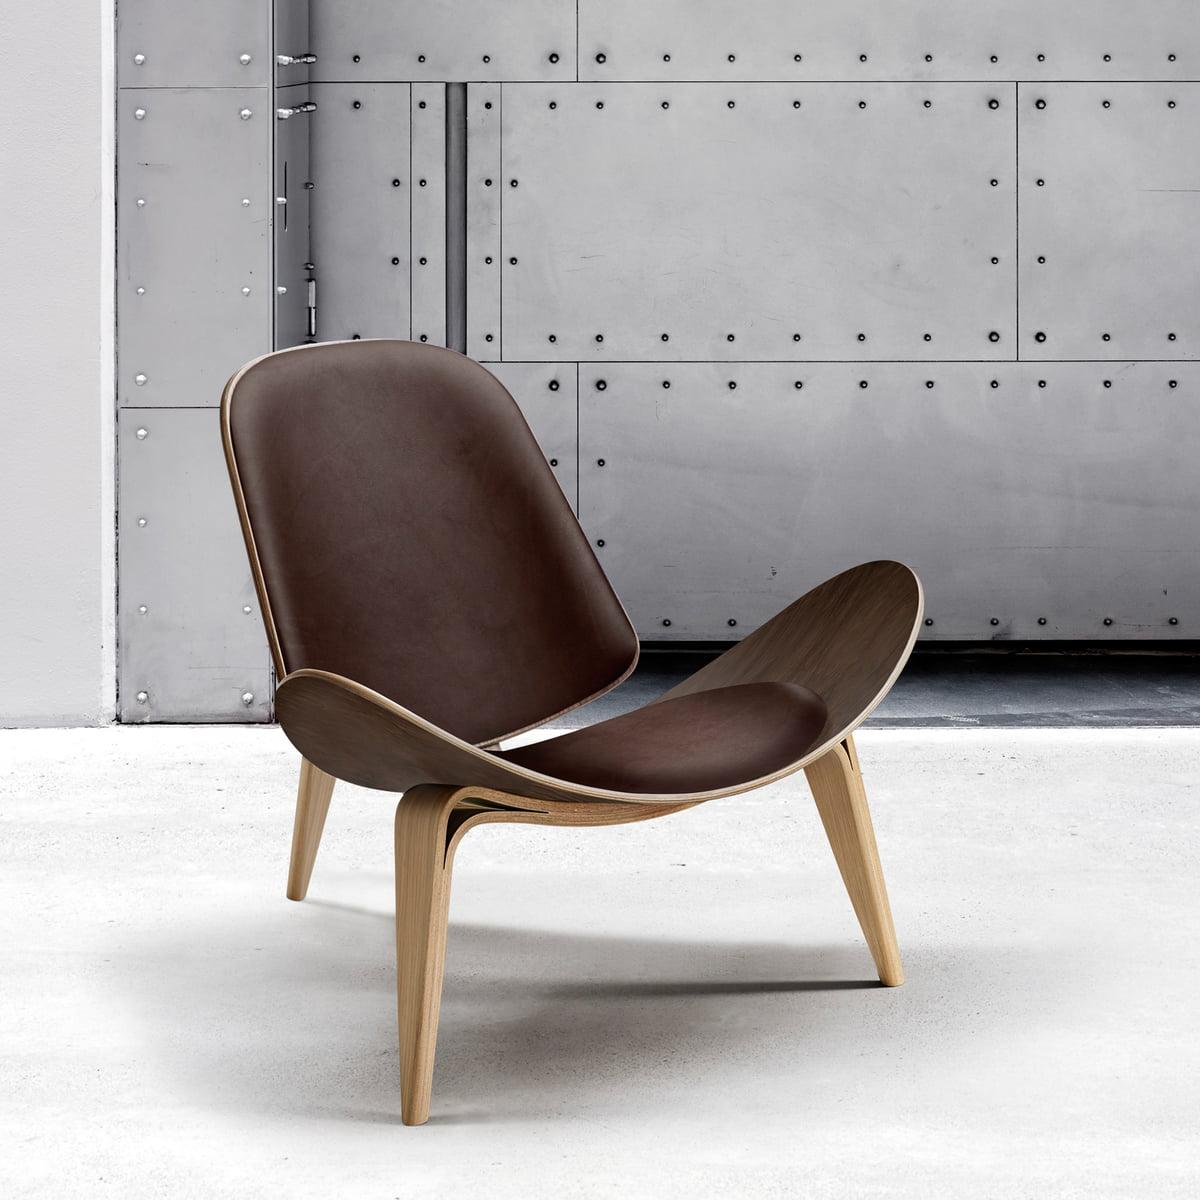 ch07 schalenstuhl von carl hansen connox. Black Bedroom Furniture Sets. Home Design Ideas